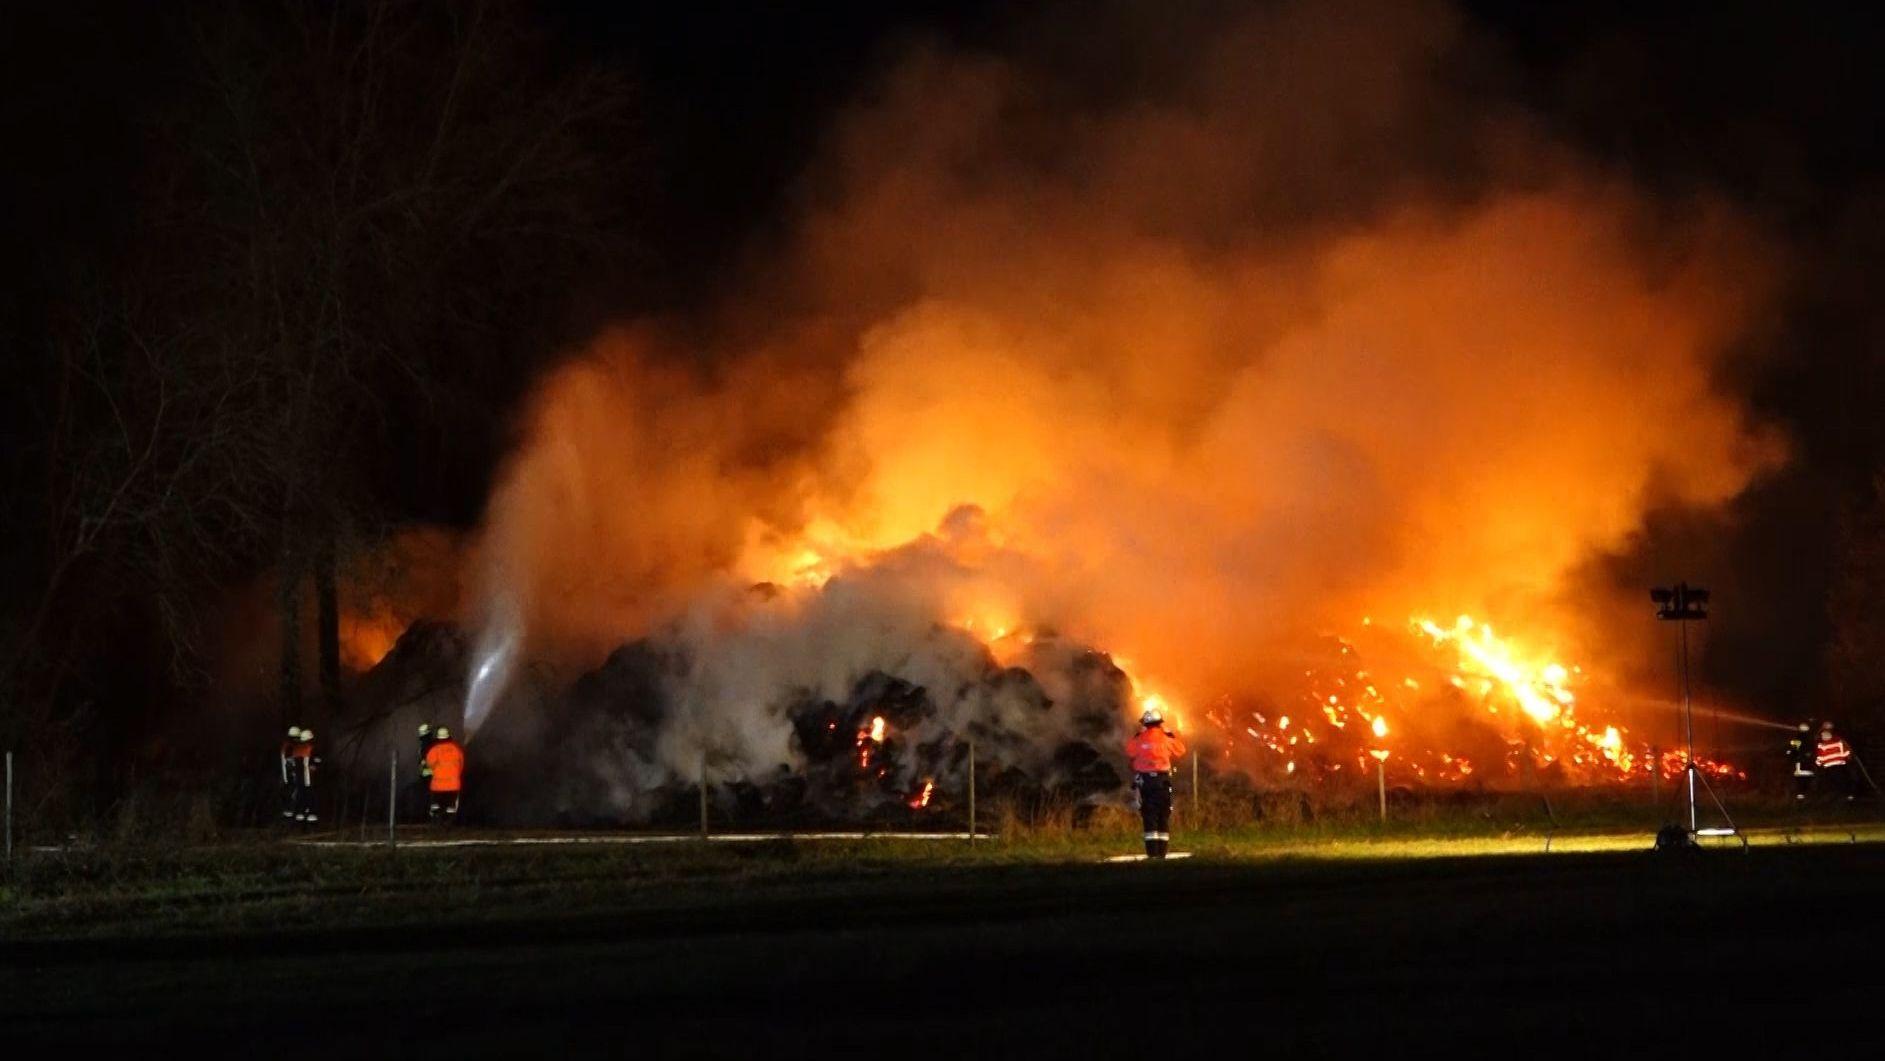 Feuerwehr löscht brennende Strohballen im m Zellinger Ortsteil Retzbach